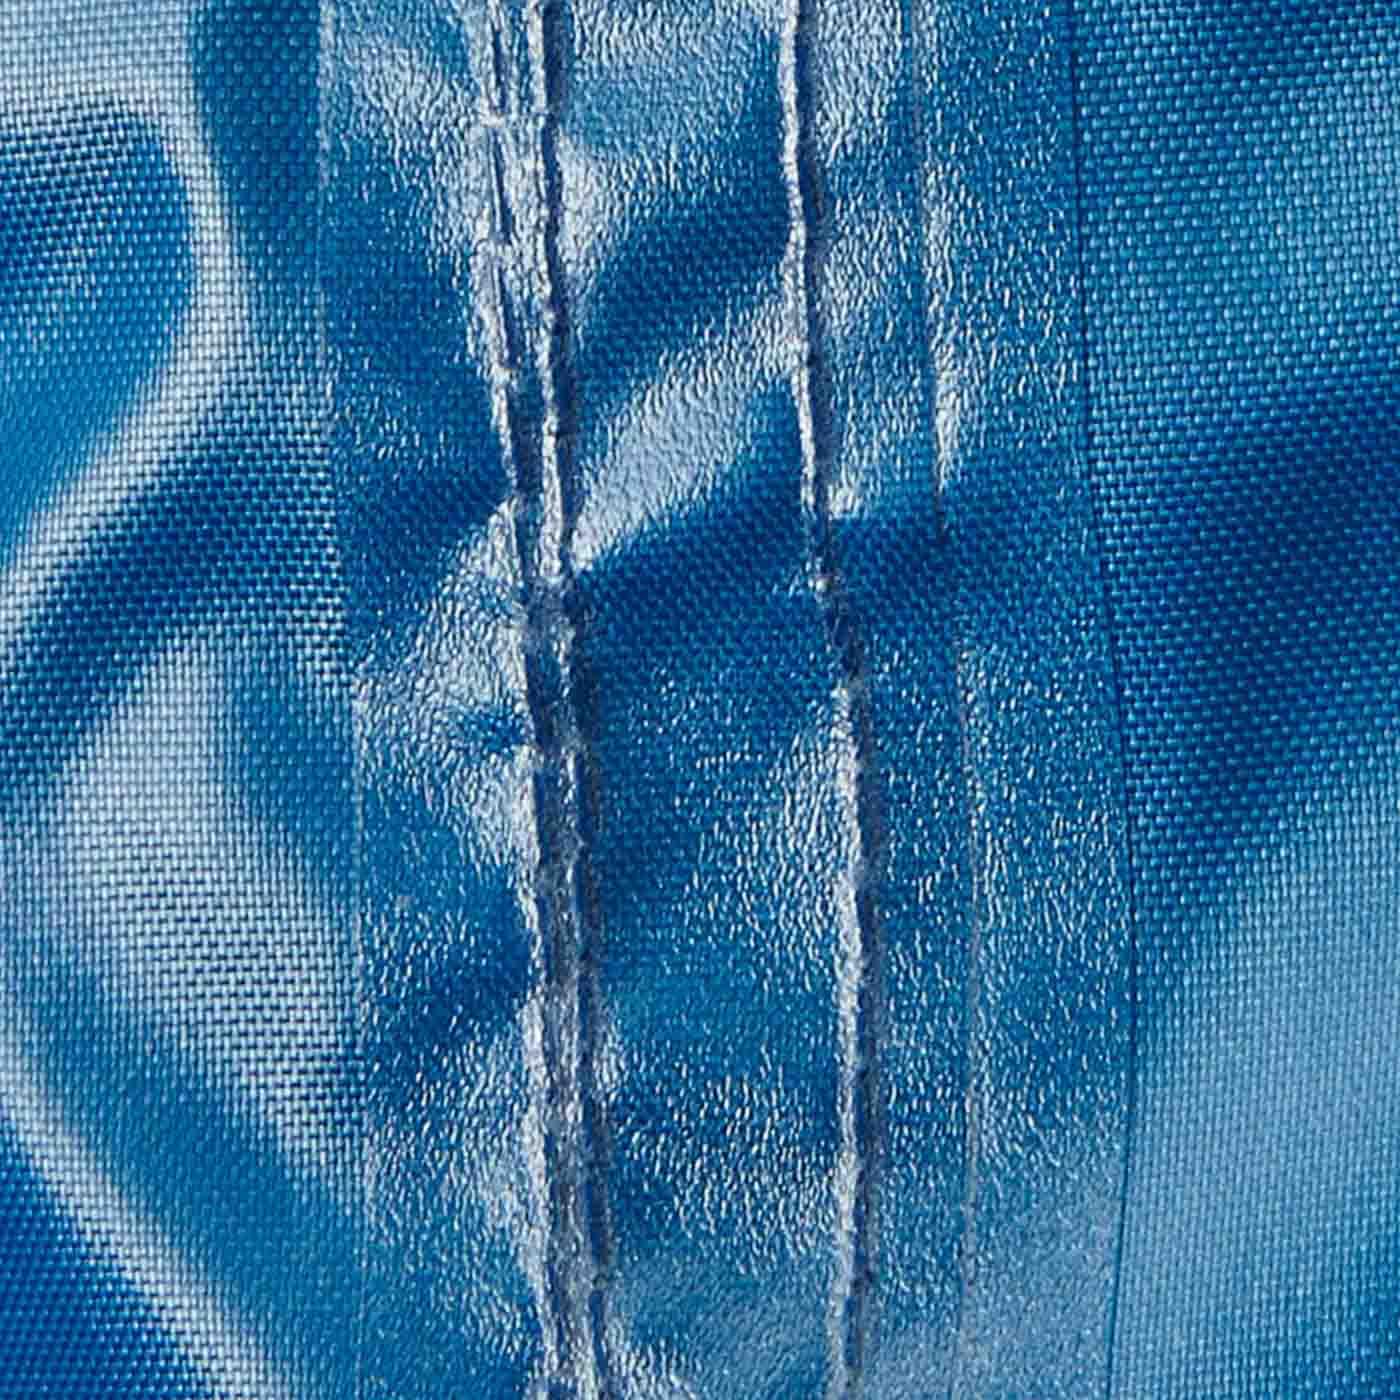 生地の裏には防水加工、縫製部分には防水テープを貼った仕様で浸水を防ぎます。